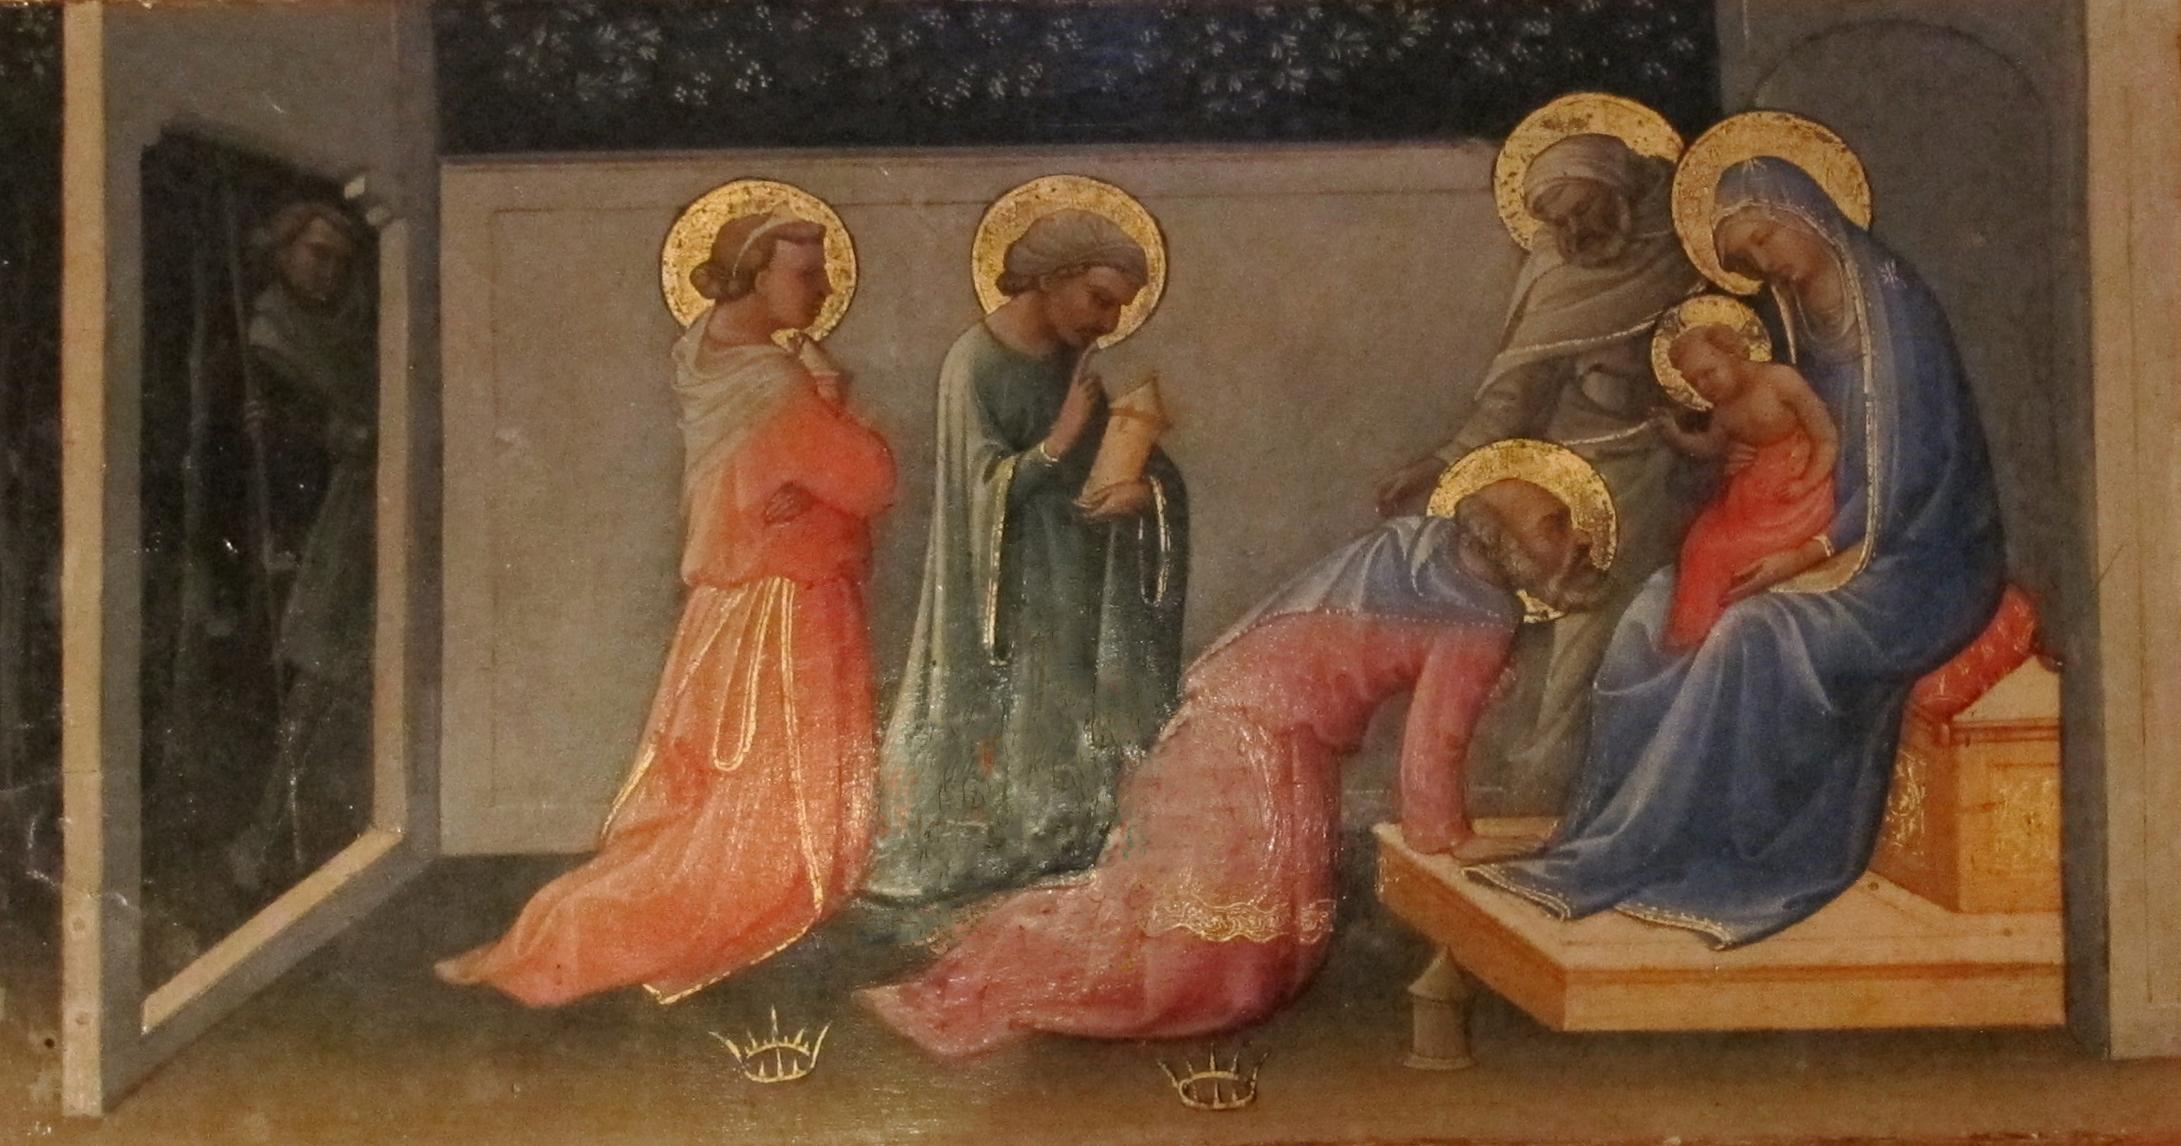 Cappella_bartolini_salimbeni,_annunciazione,_predella_03_adorazione_dei_magi